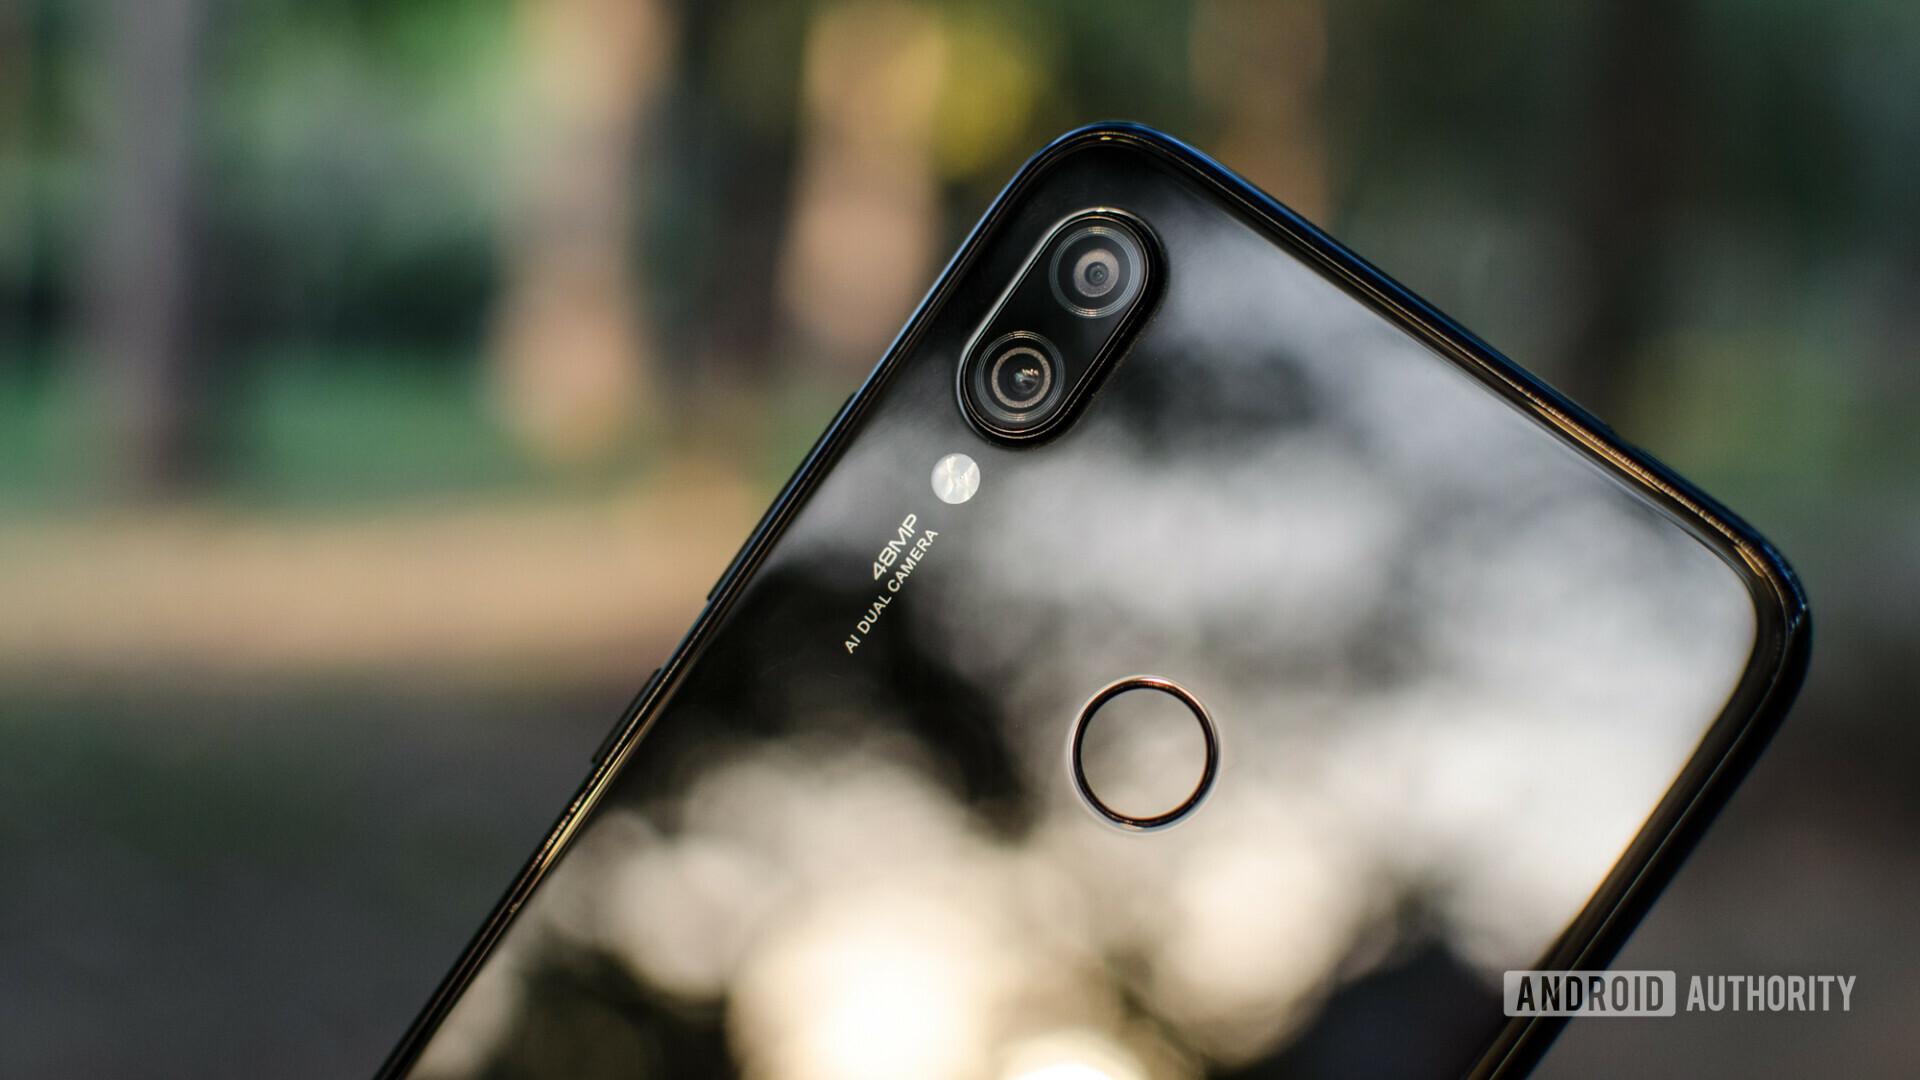 Было продано 17 миллионов смартфонов серии Xiaomi Redmi Note